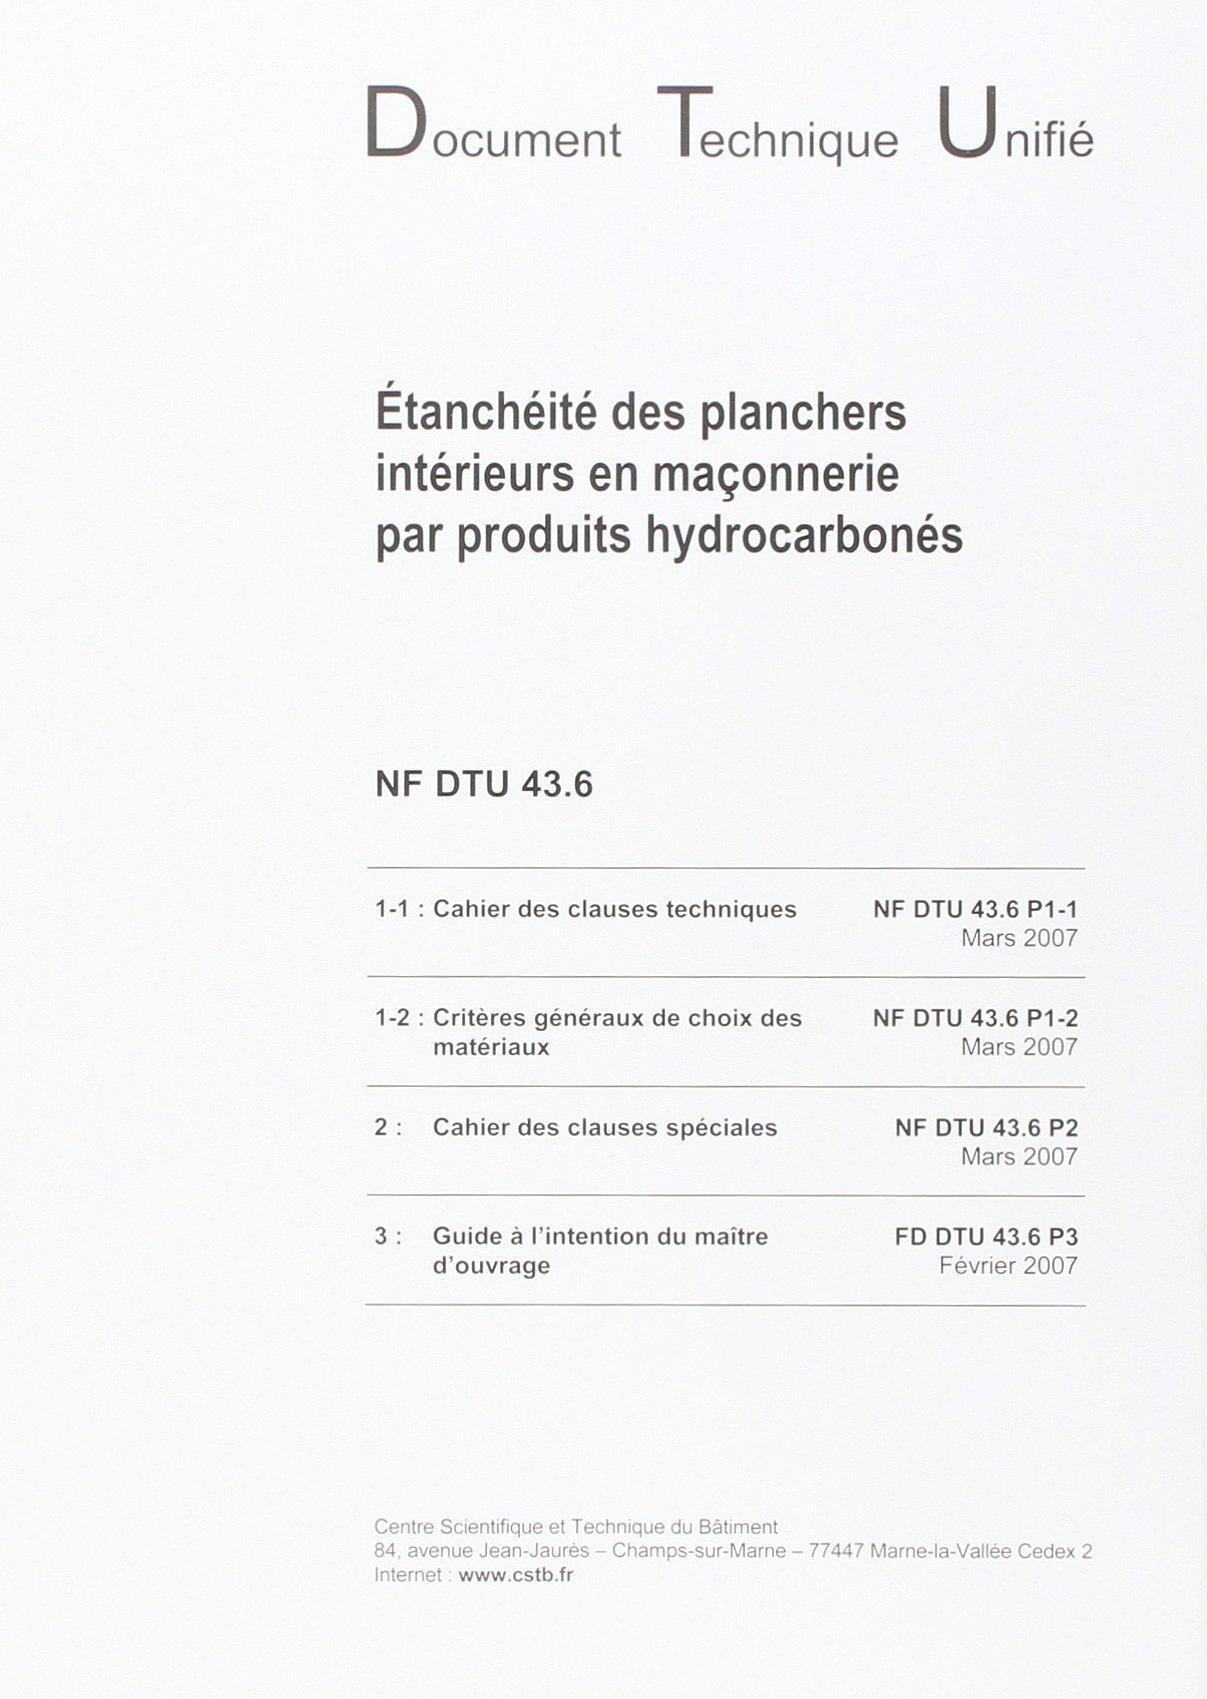 Nf Dtu 43.6. Etancheite des Planchers Interieurs en Maçonnerie par Produits Hydrocarbones pdf